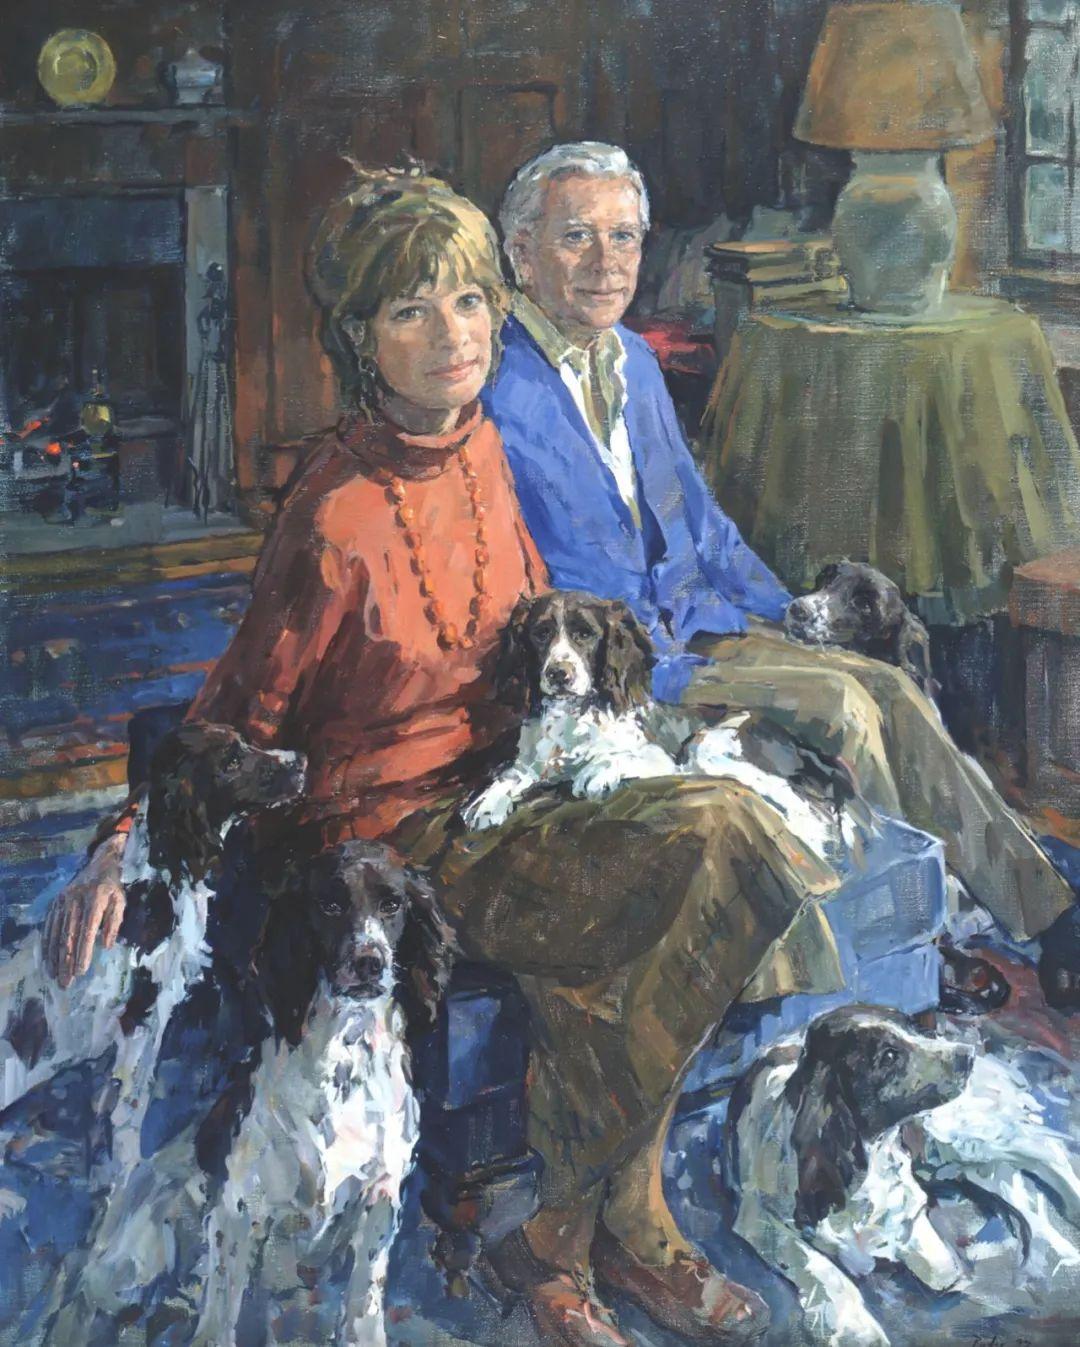 英国女画家苏珊·莱德人物作品插图47